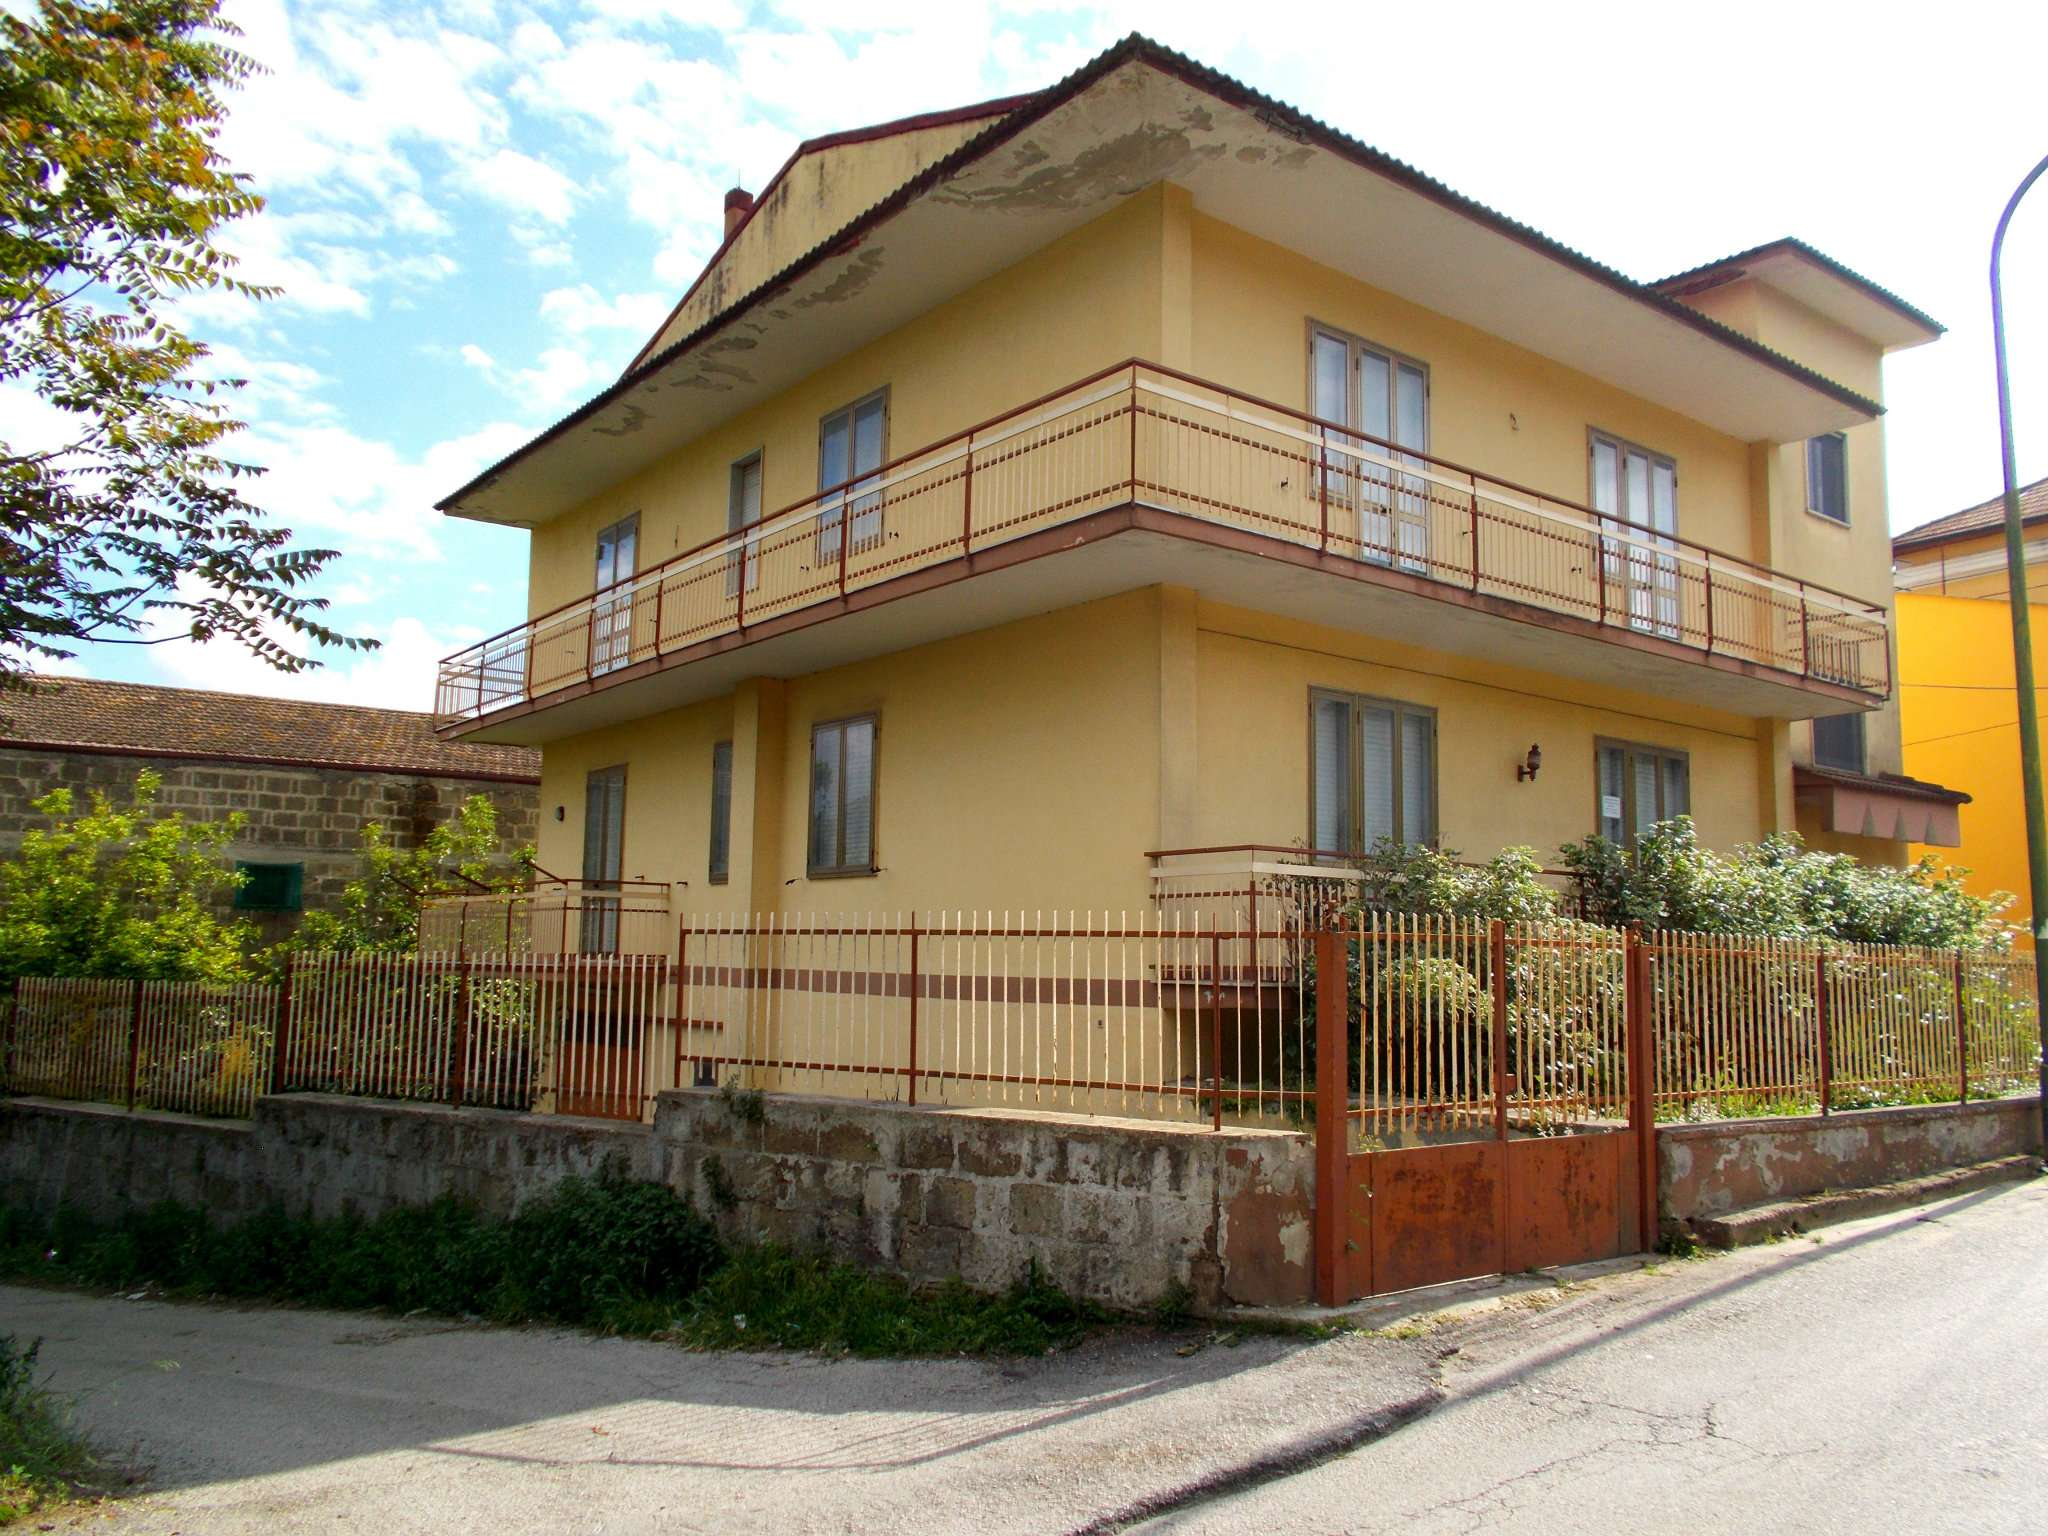 Appartamento in vendita a Cervino, 5 locali, prezzo € 120.000 | CambioCasa.it